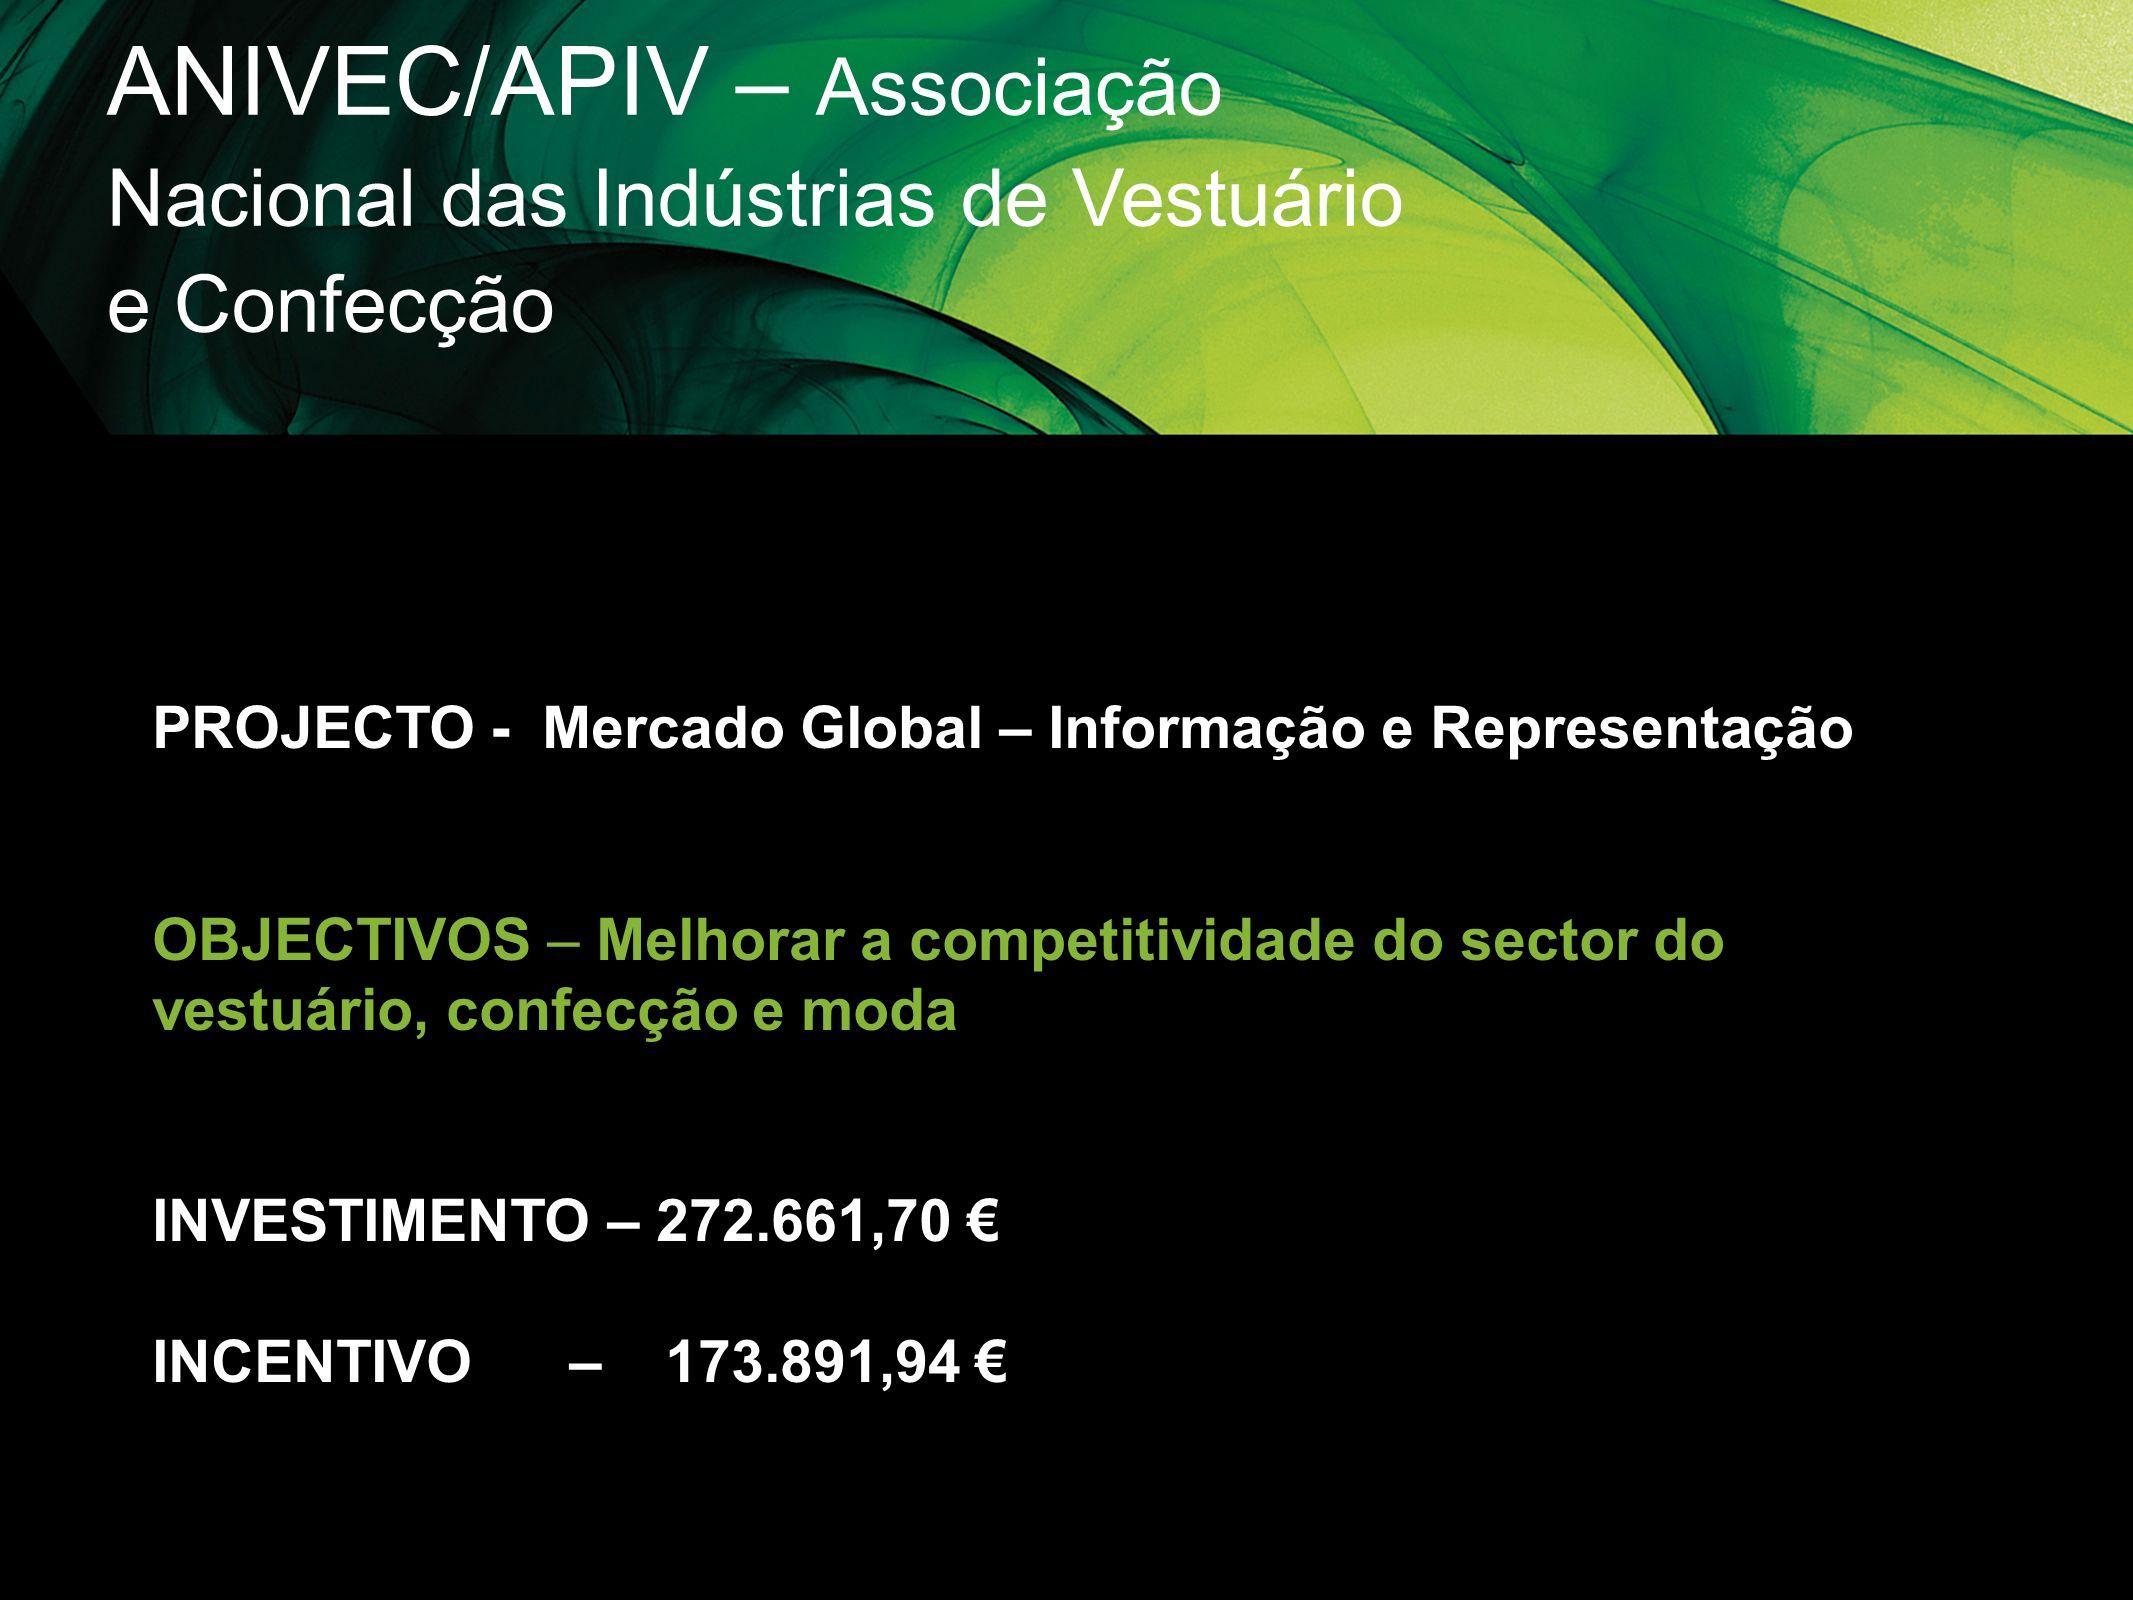 ANIVEC/APIV – Associação Nacional das Indústrias de Vestuário e Confecção PROJECTO - Mercado Global – Informação e Representação OBJECTIVOS – Melhorar